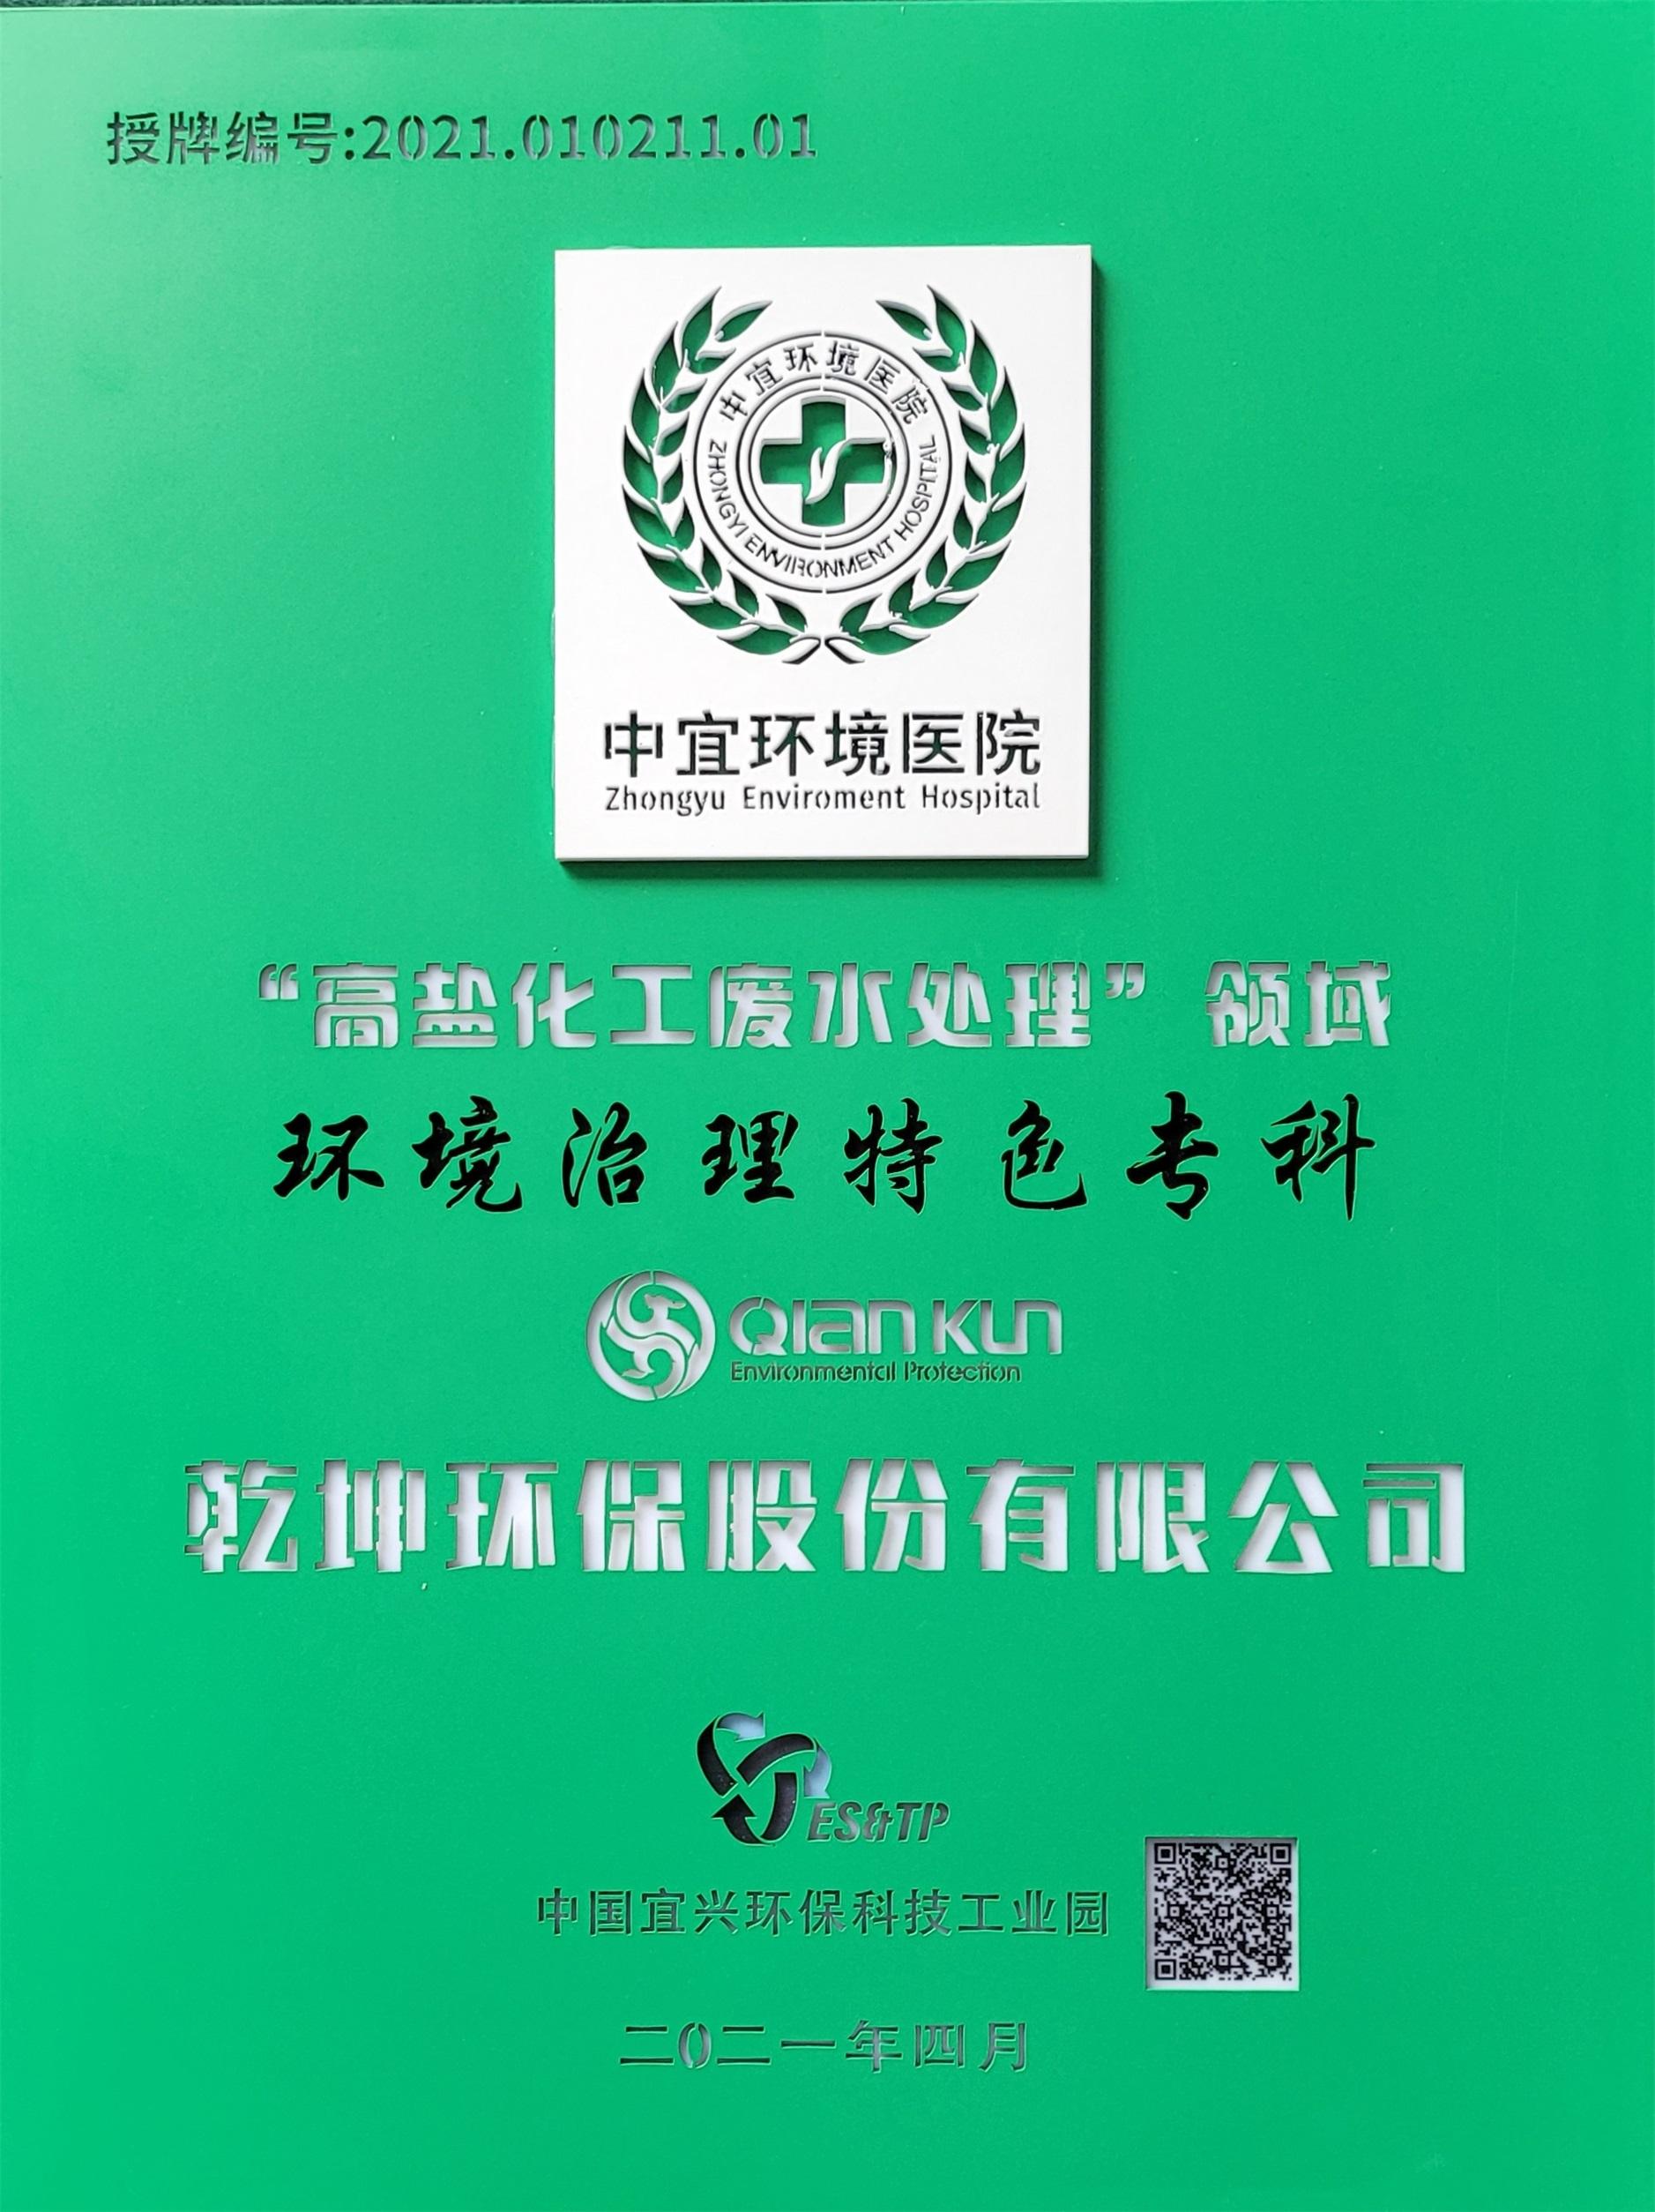 乾坤環保公司榮幸成為宜興環境醫院第二批專科企業環境醫院